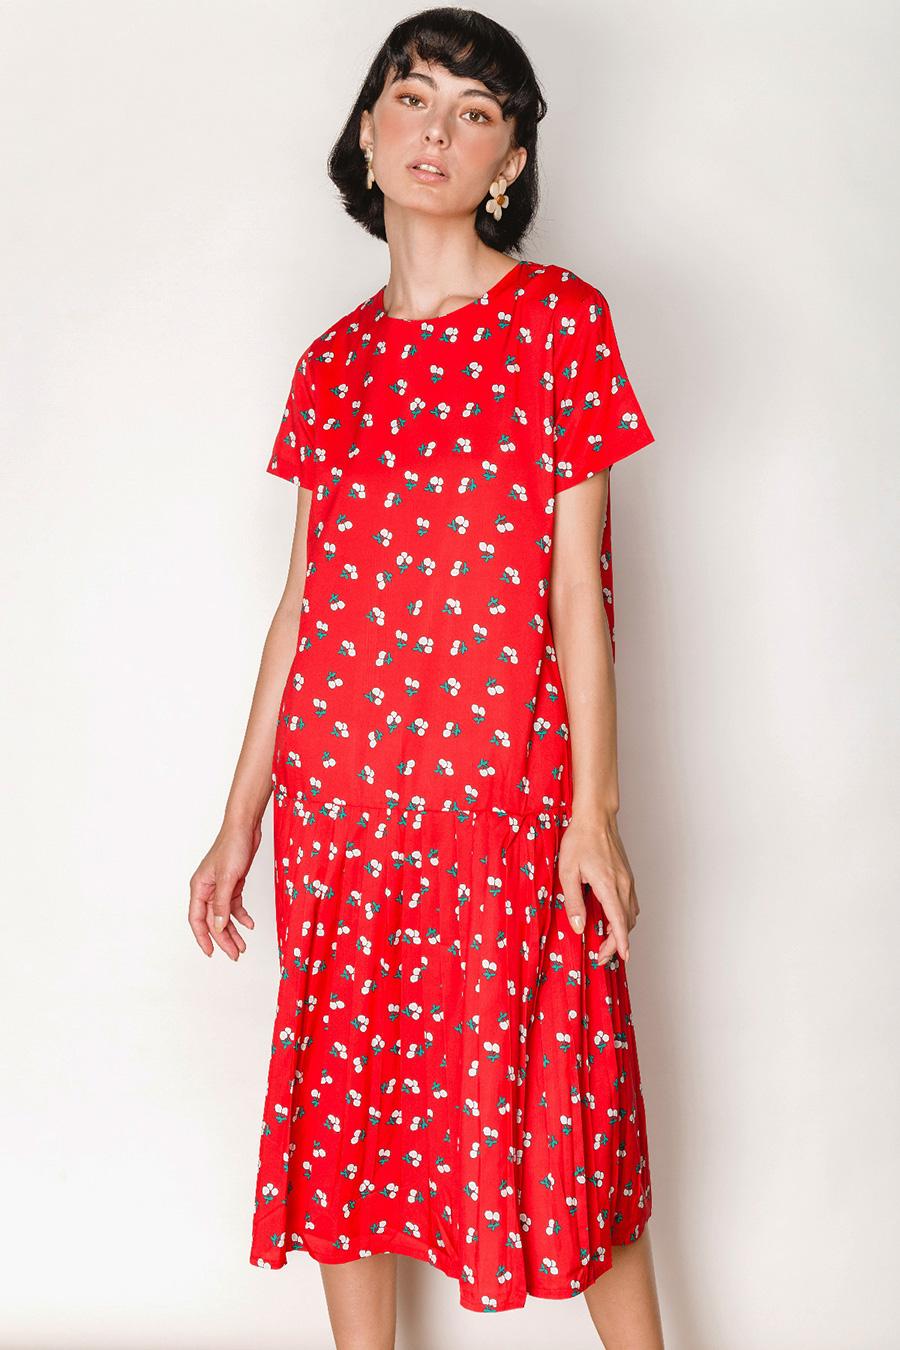 CLARICE DRESS - CHERRIES